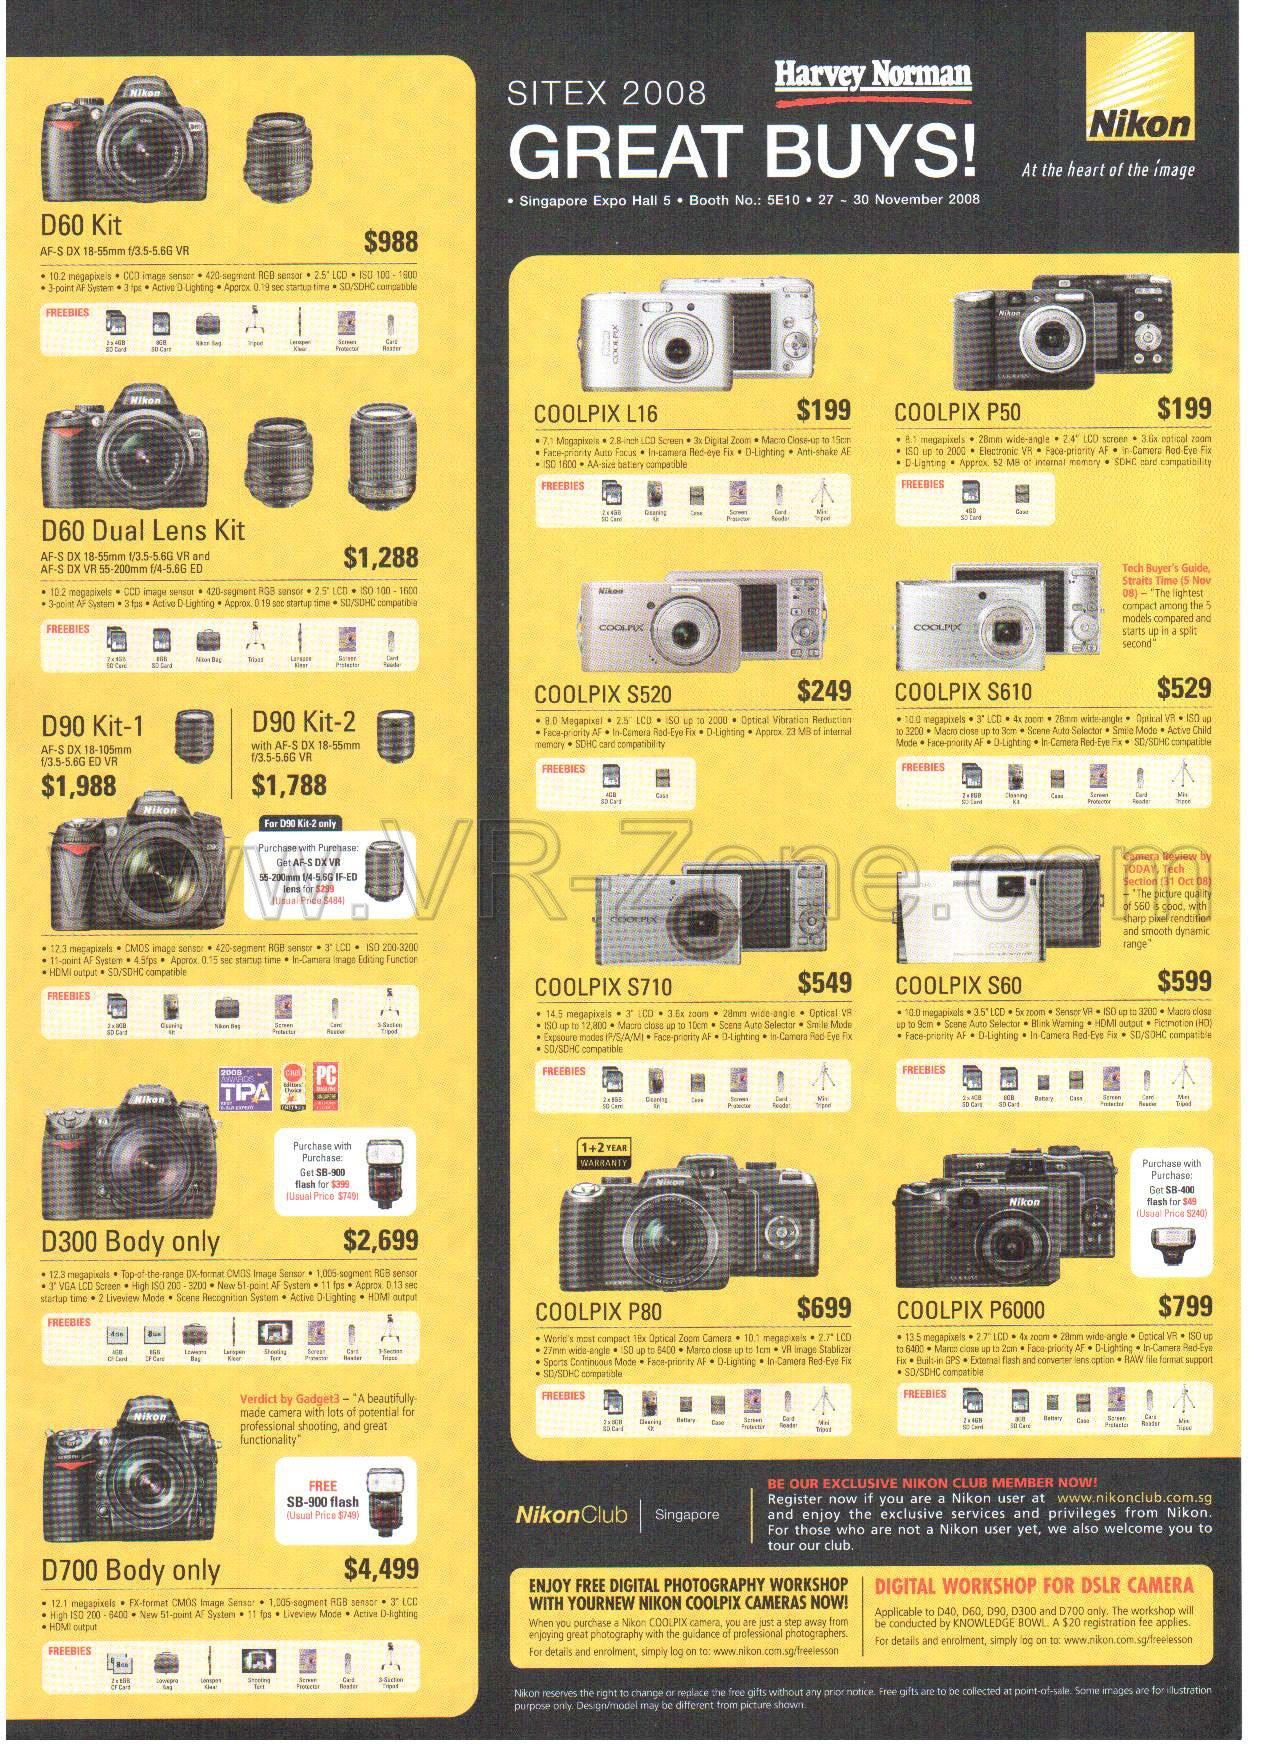 nikon cameras sitex 2008 price list brochure flyer image